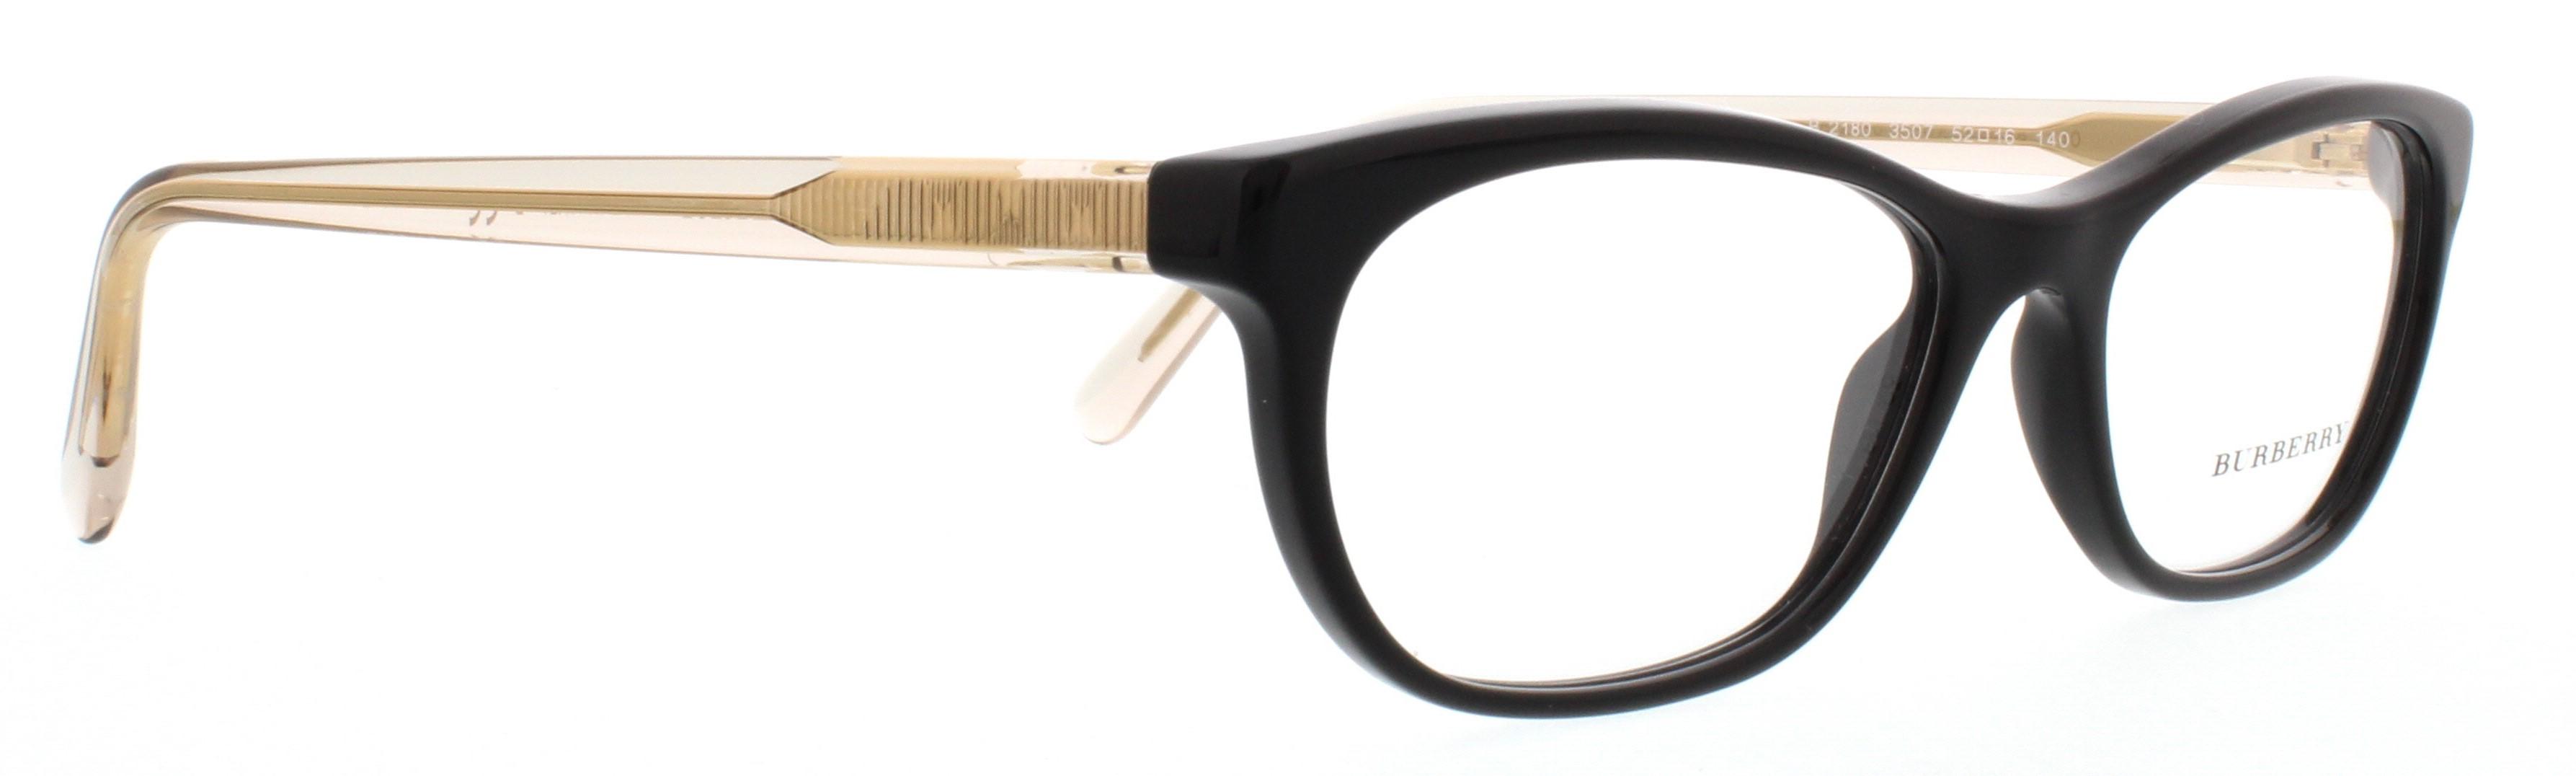 008a650bd9 Designer Frames Outlet. Burberry BE2180